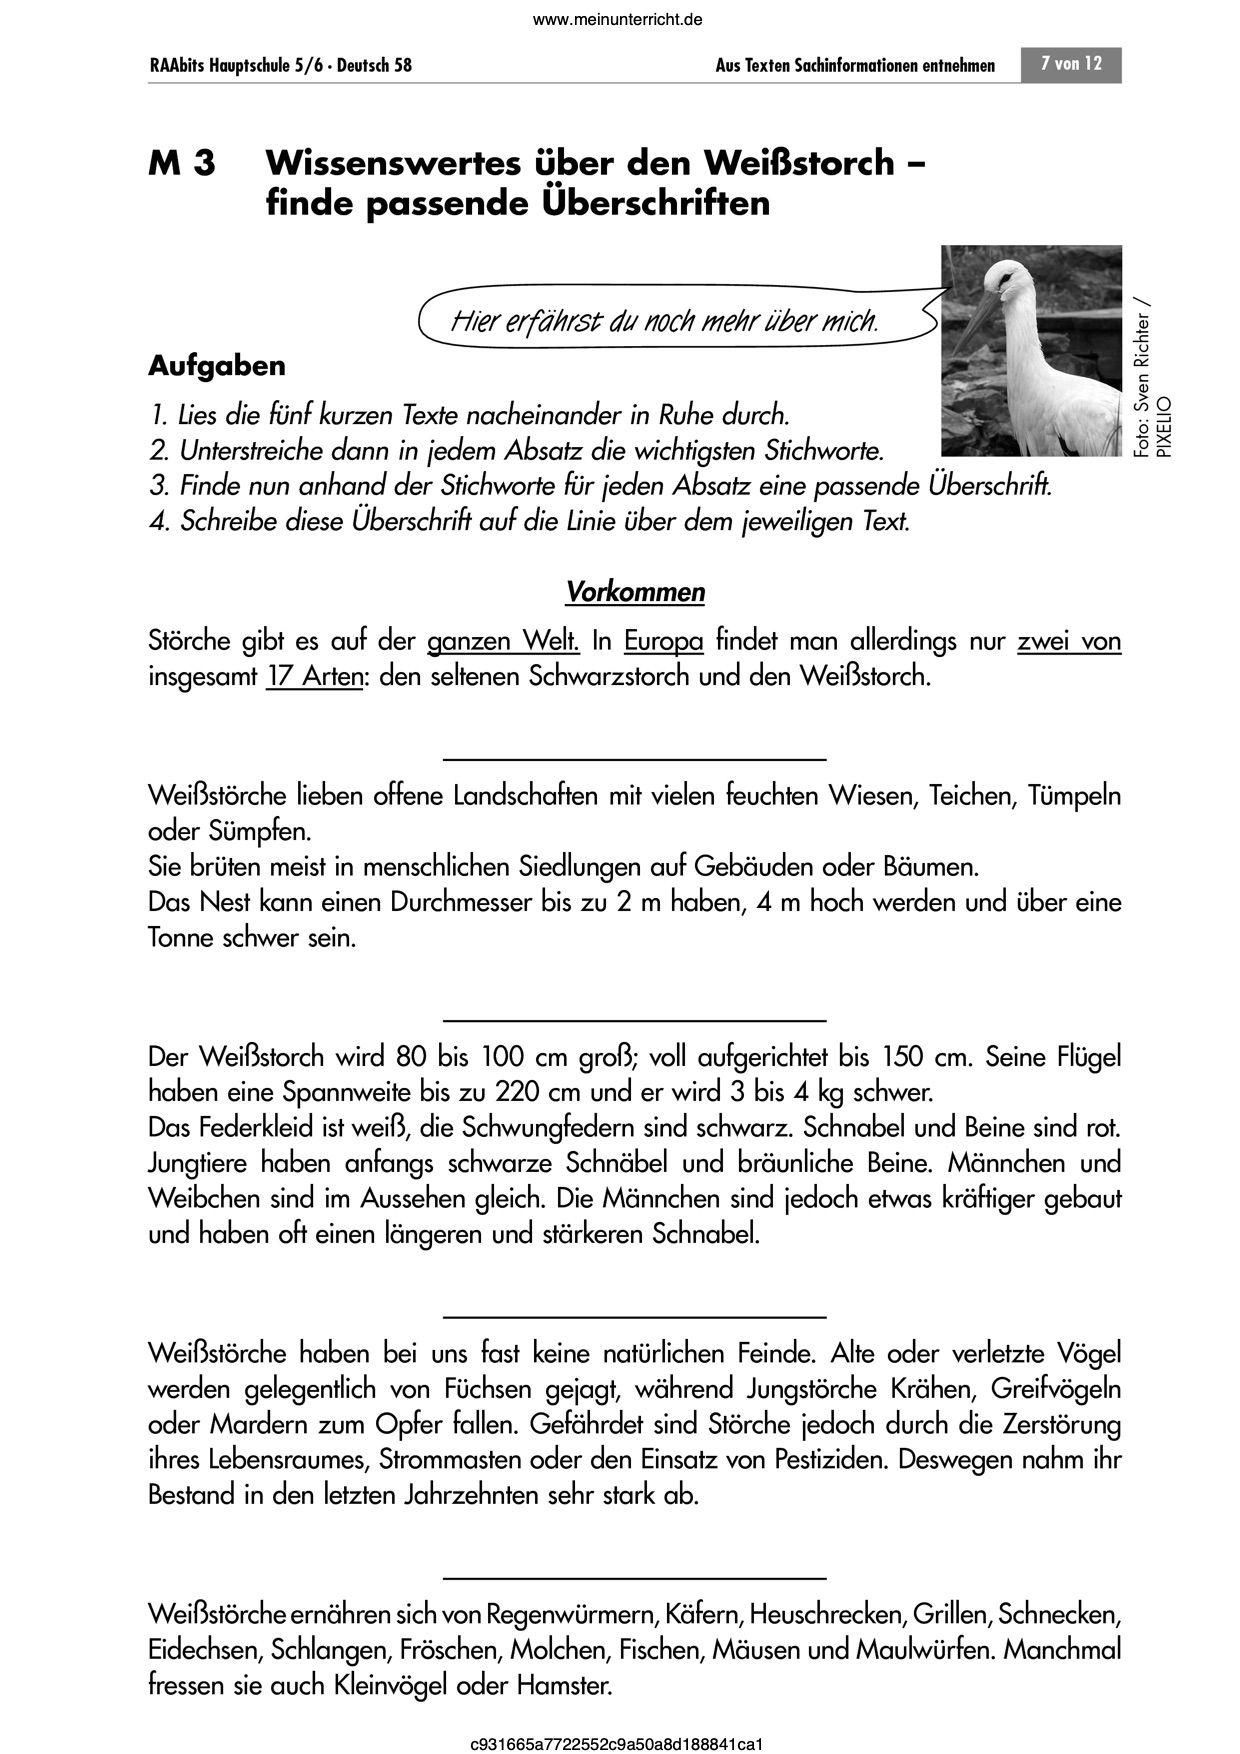 Sachtexte   Arbeitsblätter für Deutsch   meinUnterricht   Genaues ...